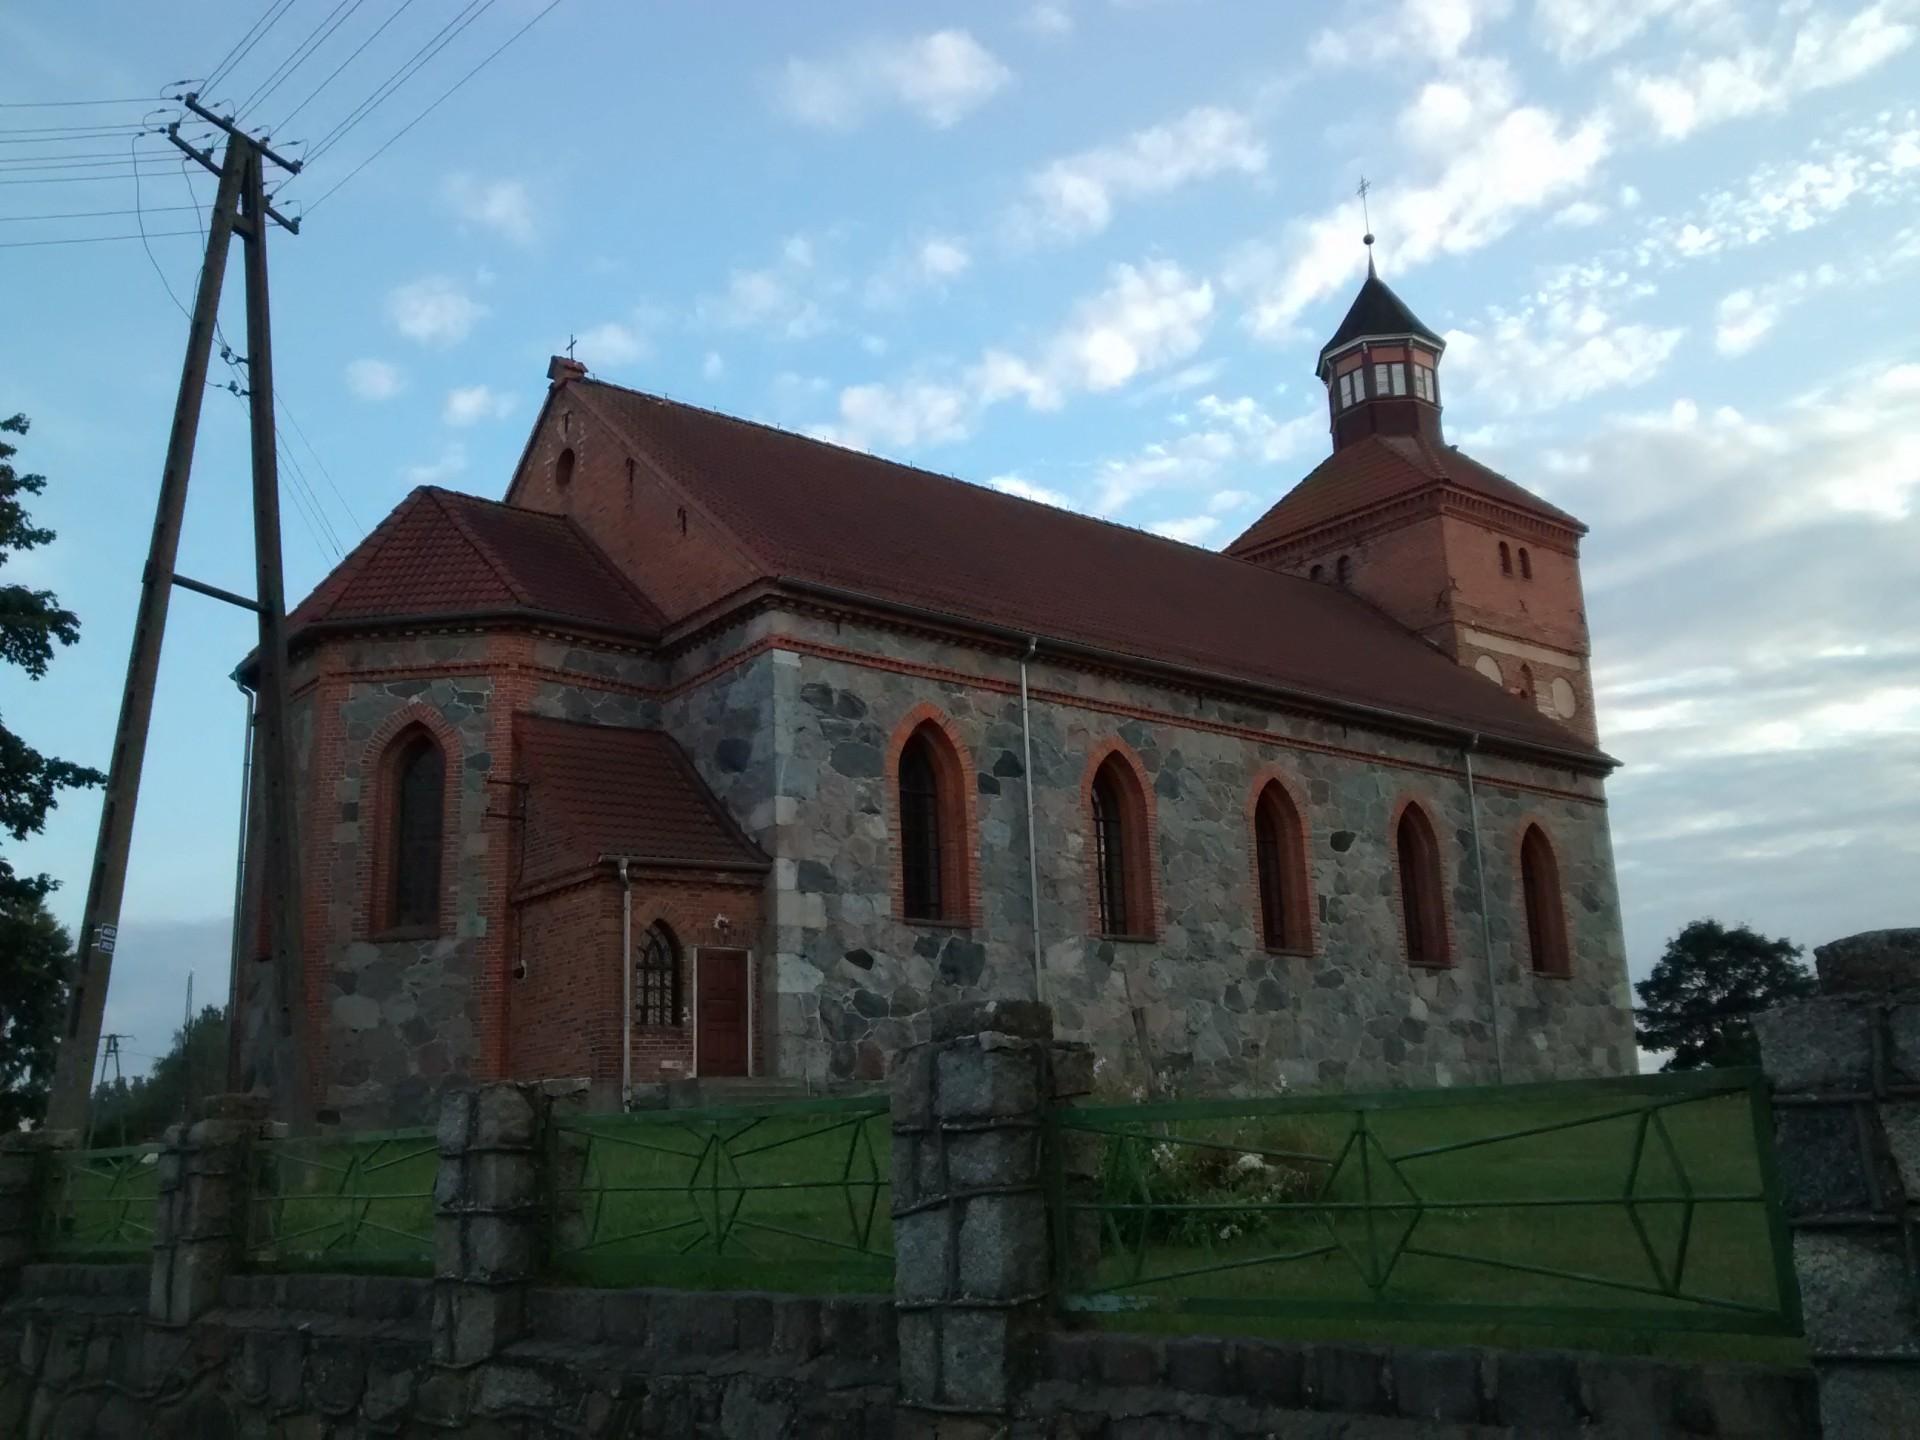 Kwakowo. Kościół Niepokalanego Poczęcia Najświętszej Marii Panny Źródło: Wikipedia.org Autor: Zentyg45